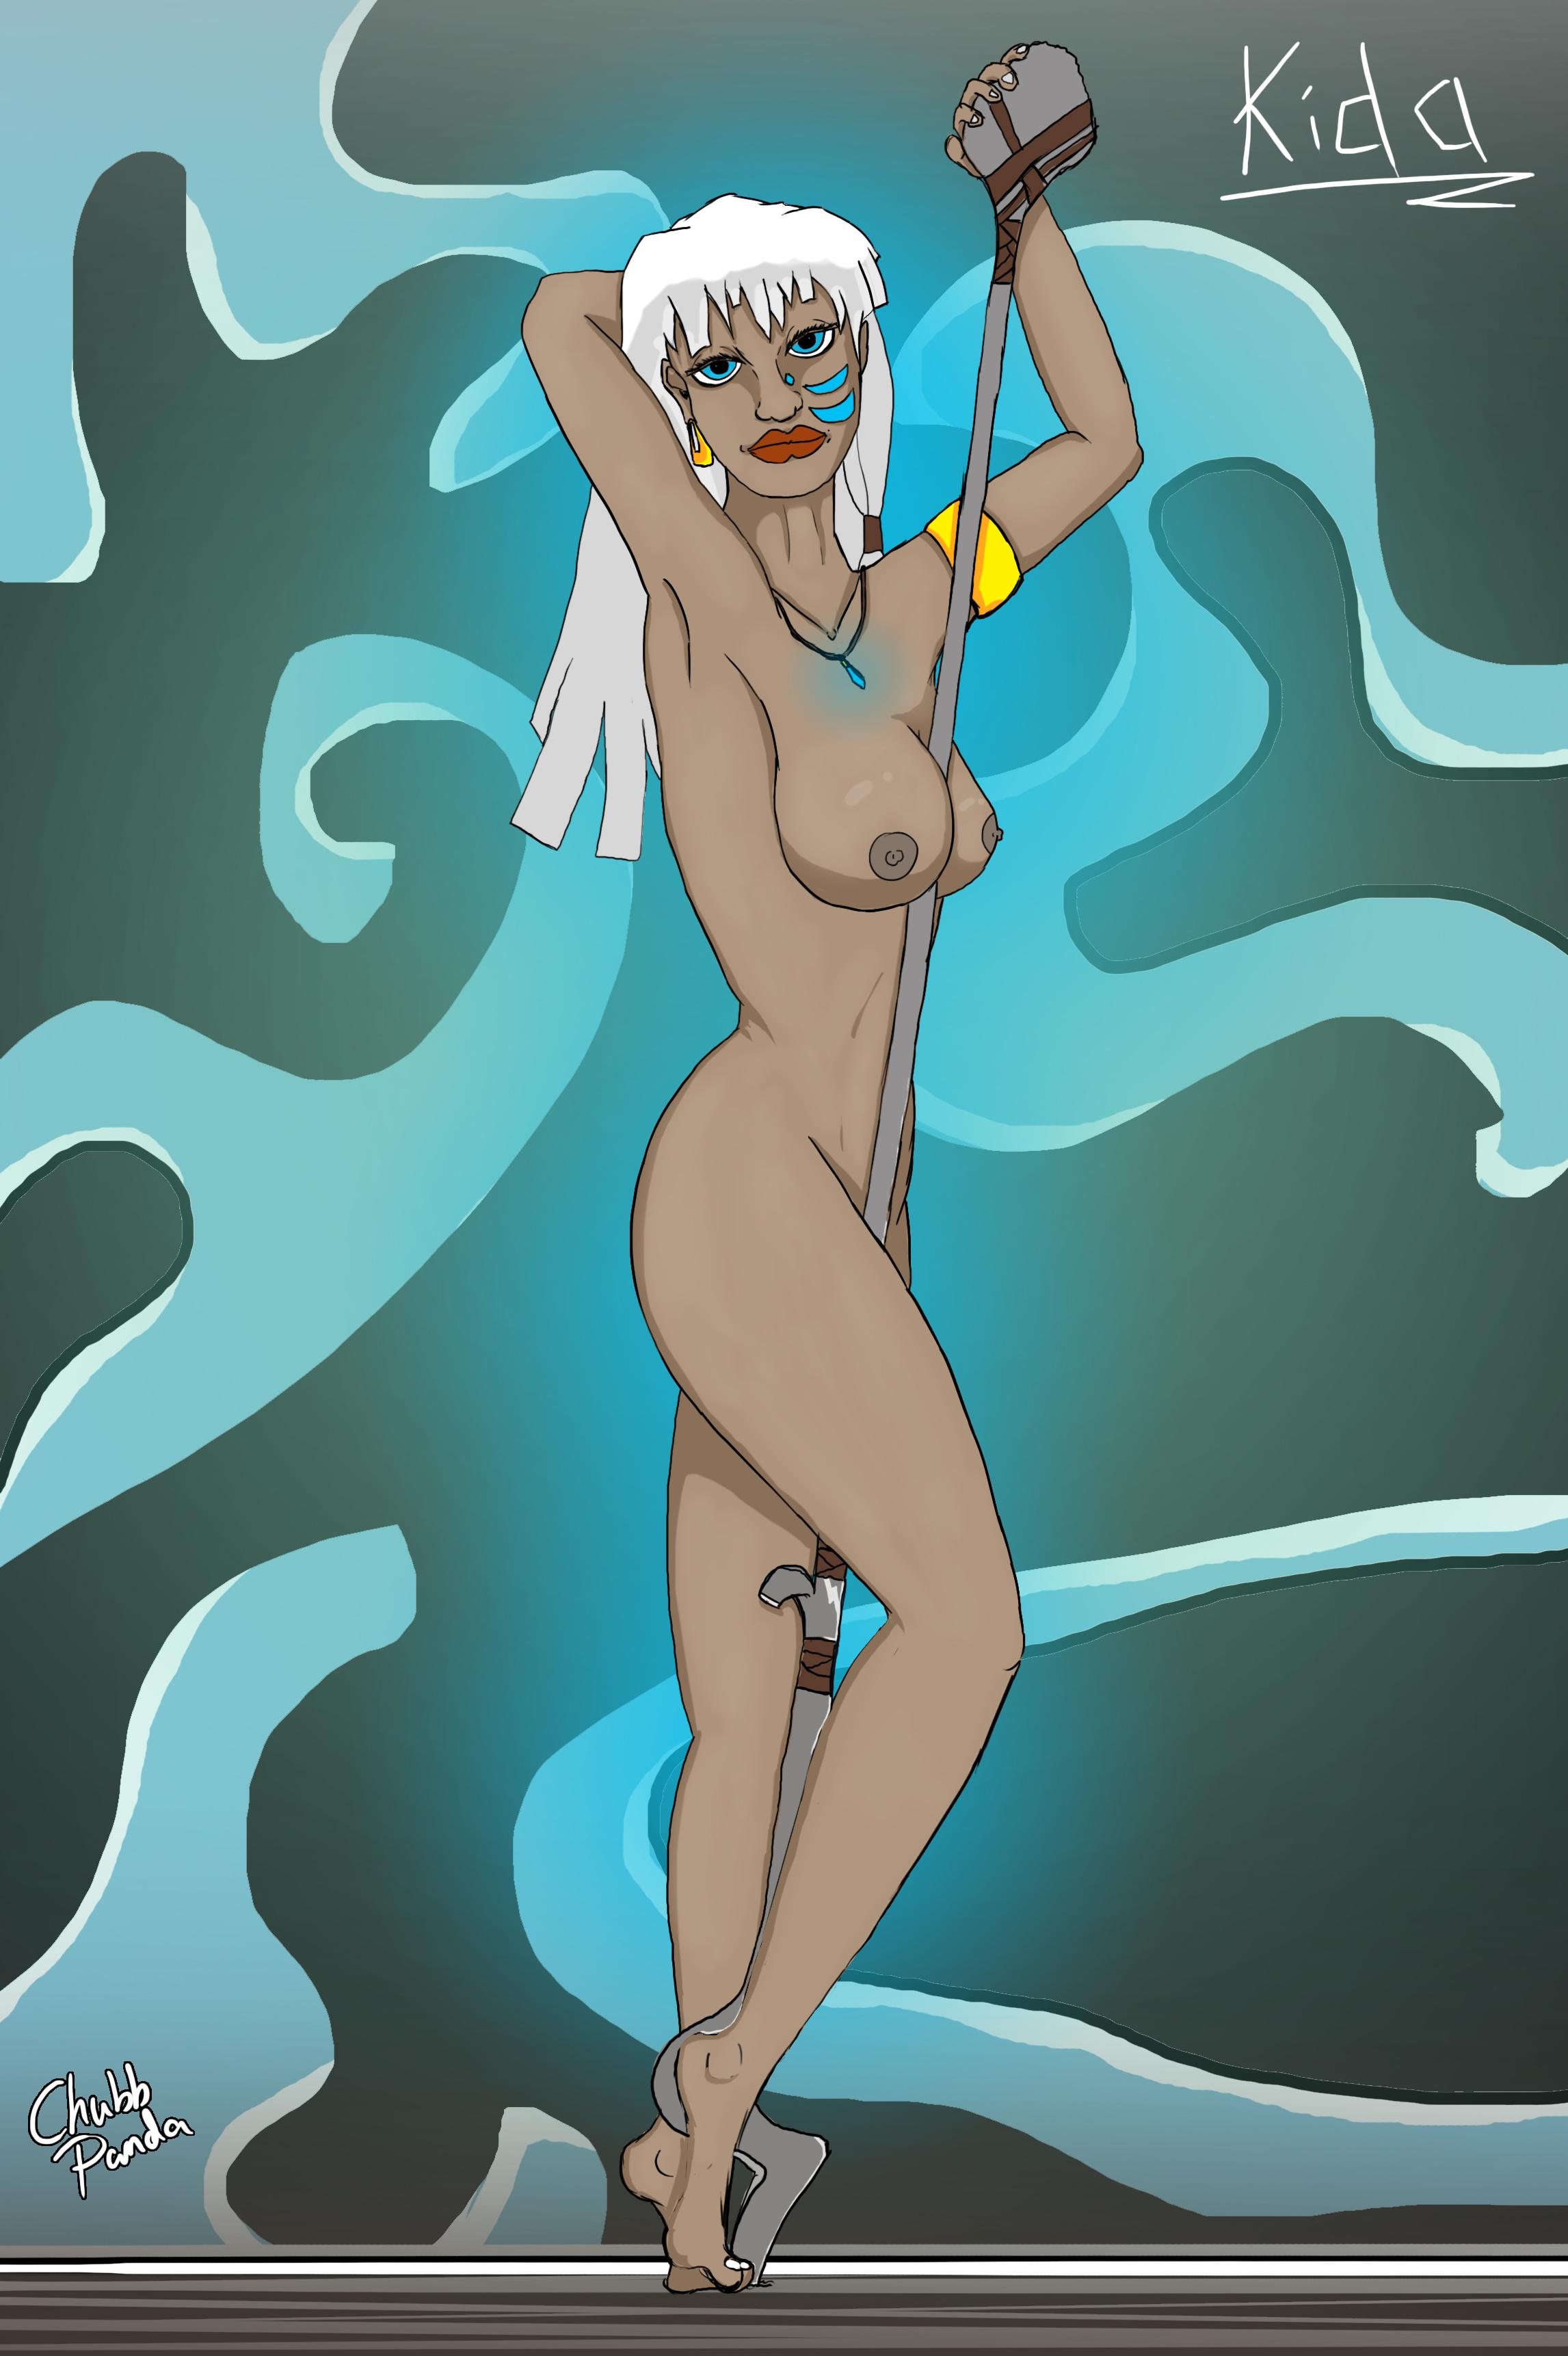 'Kida' from Atlantis!